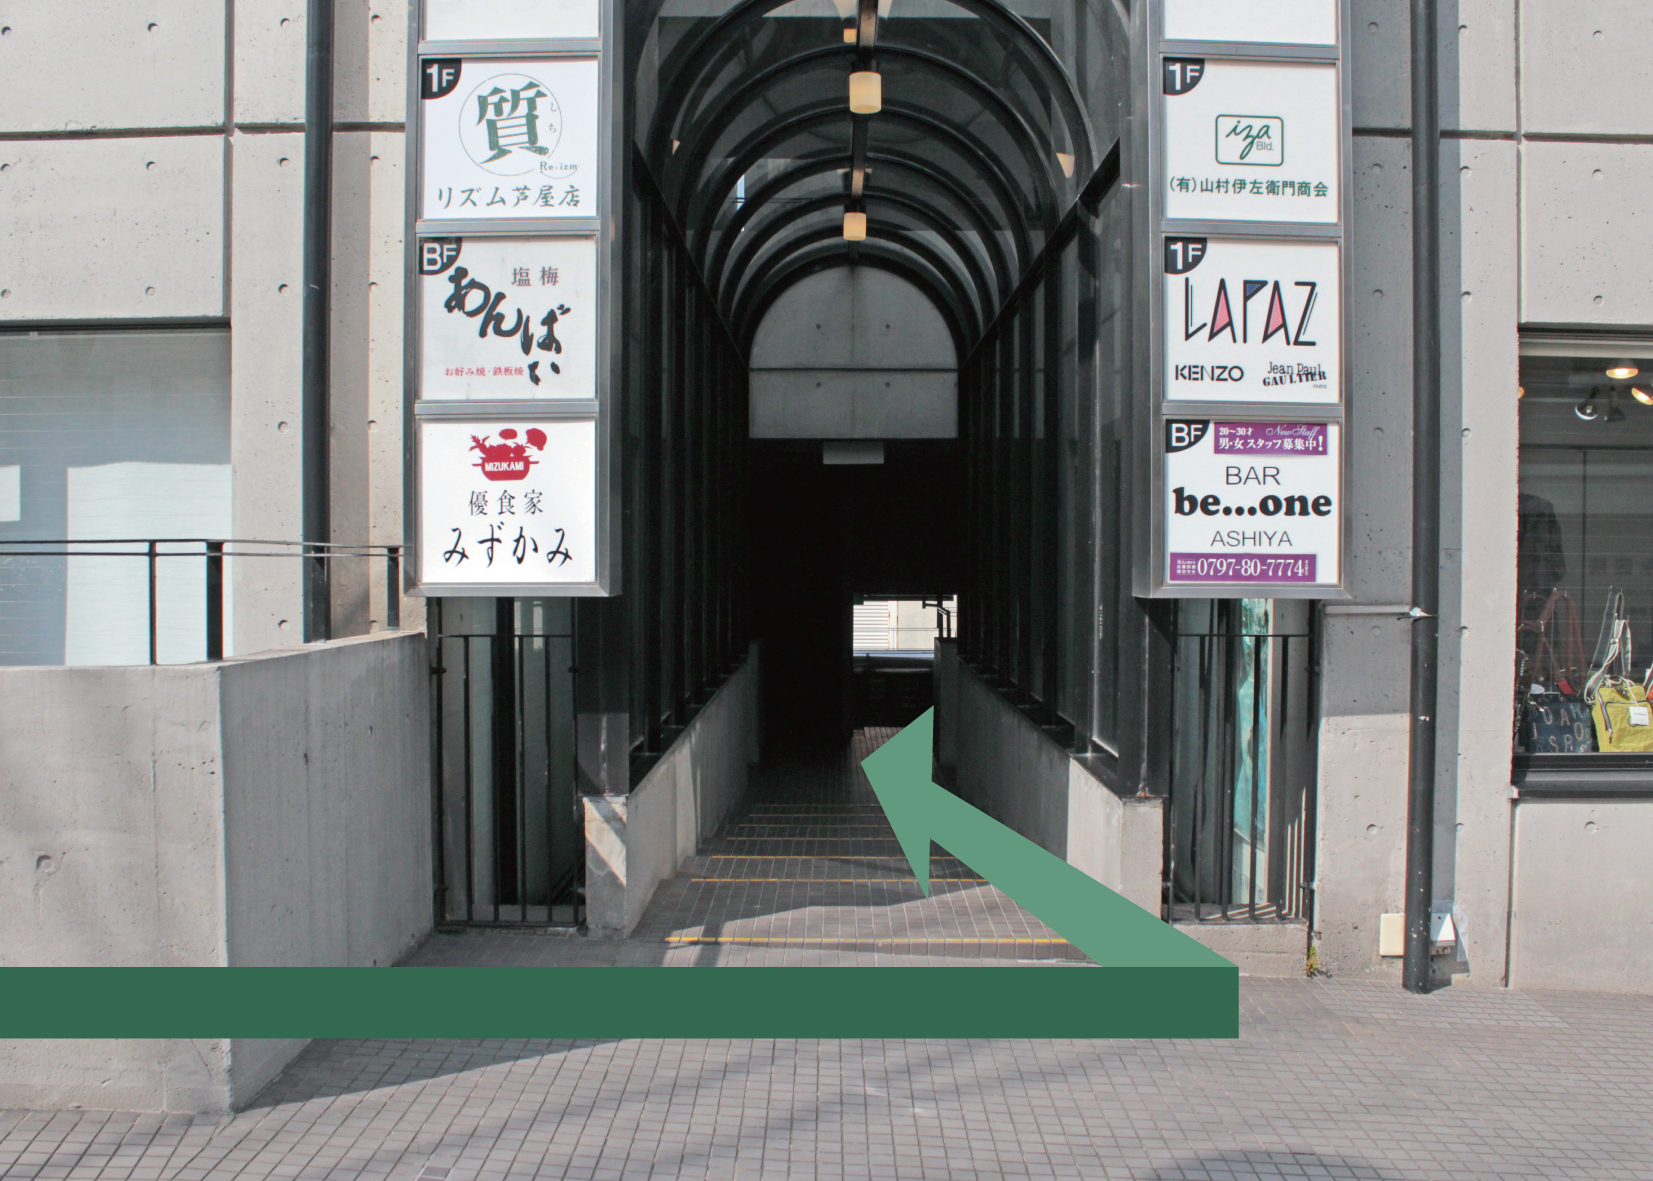 アルコーブ芦屋入口